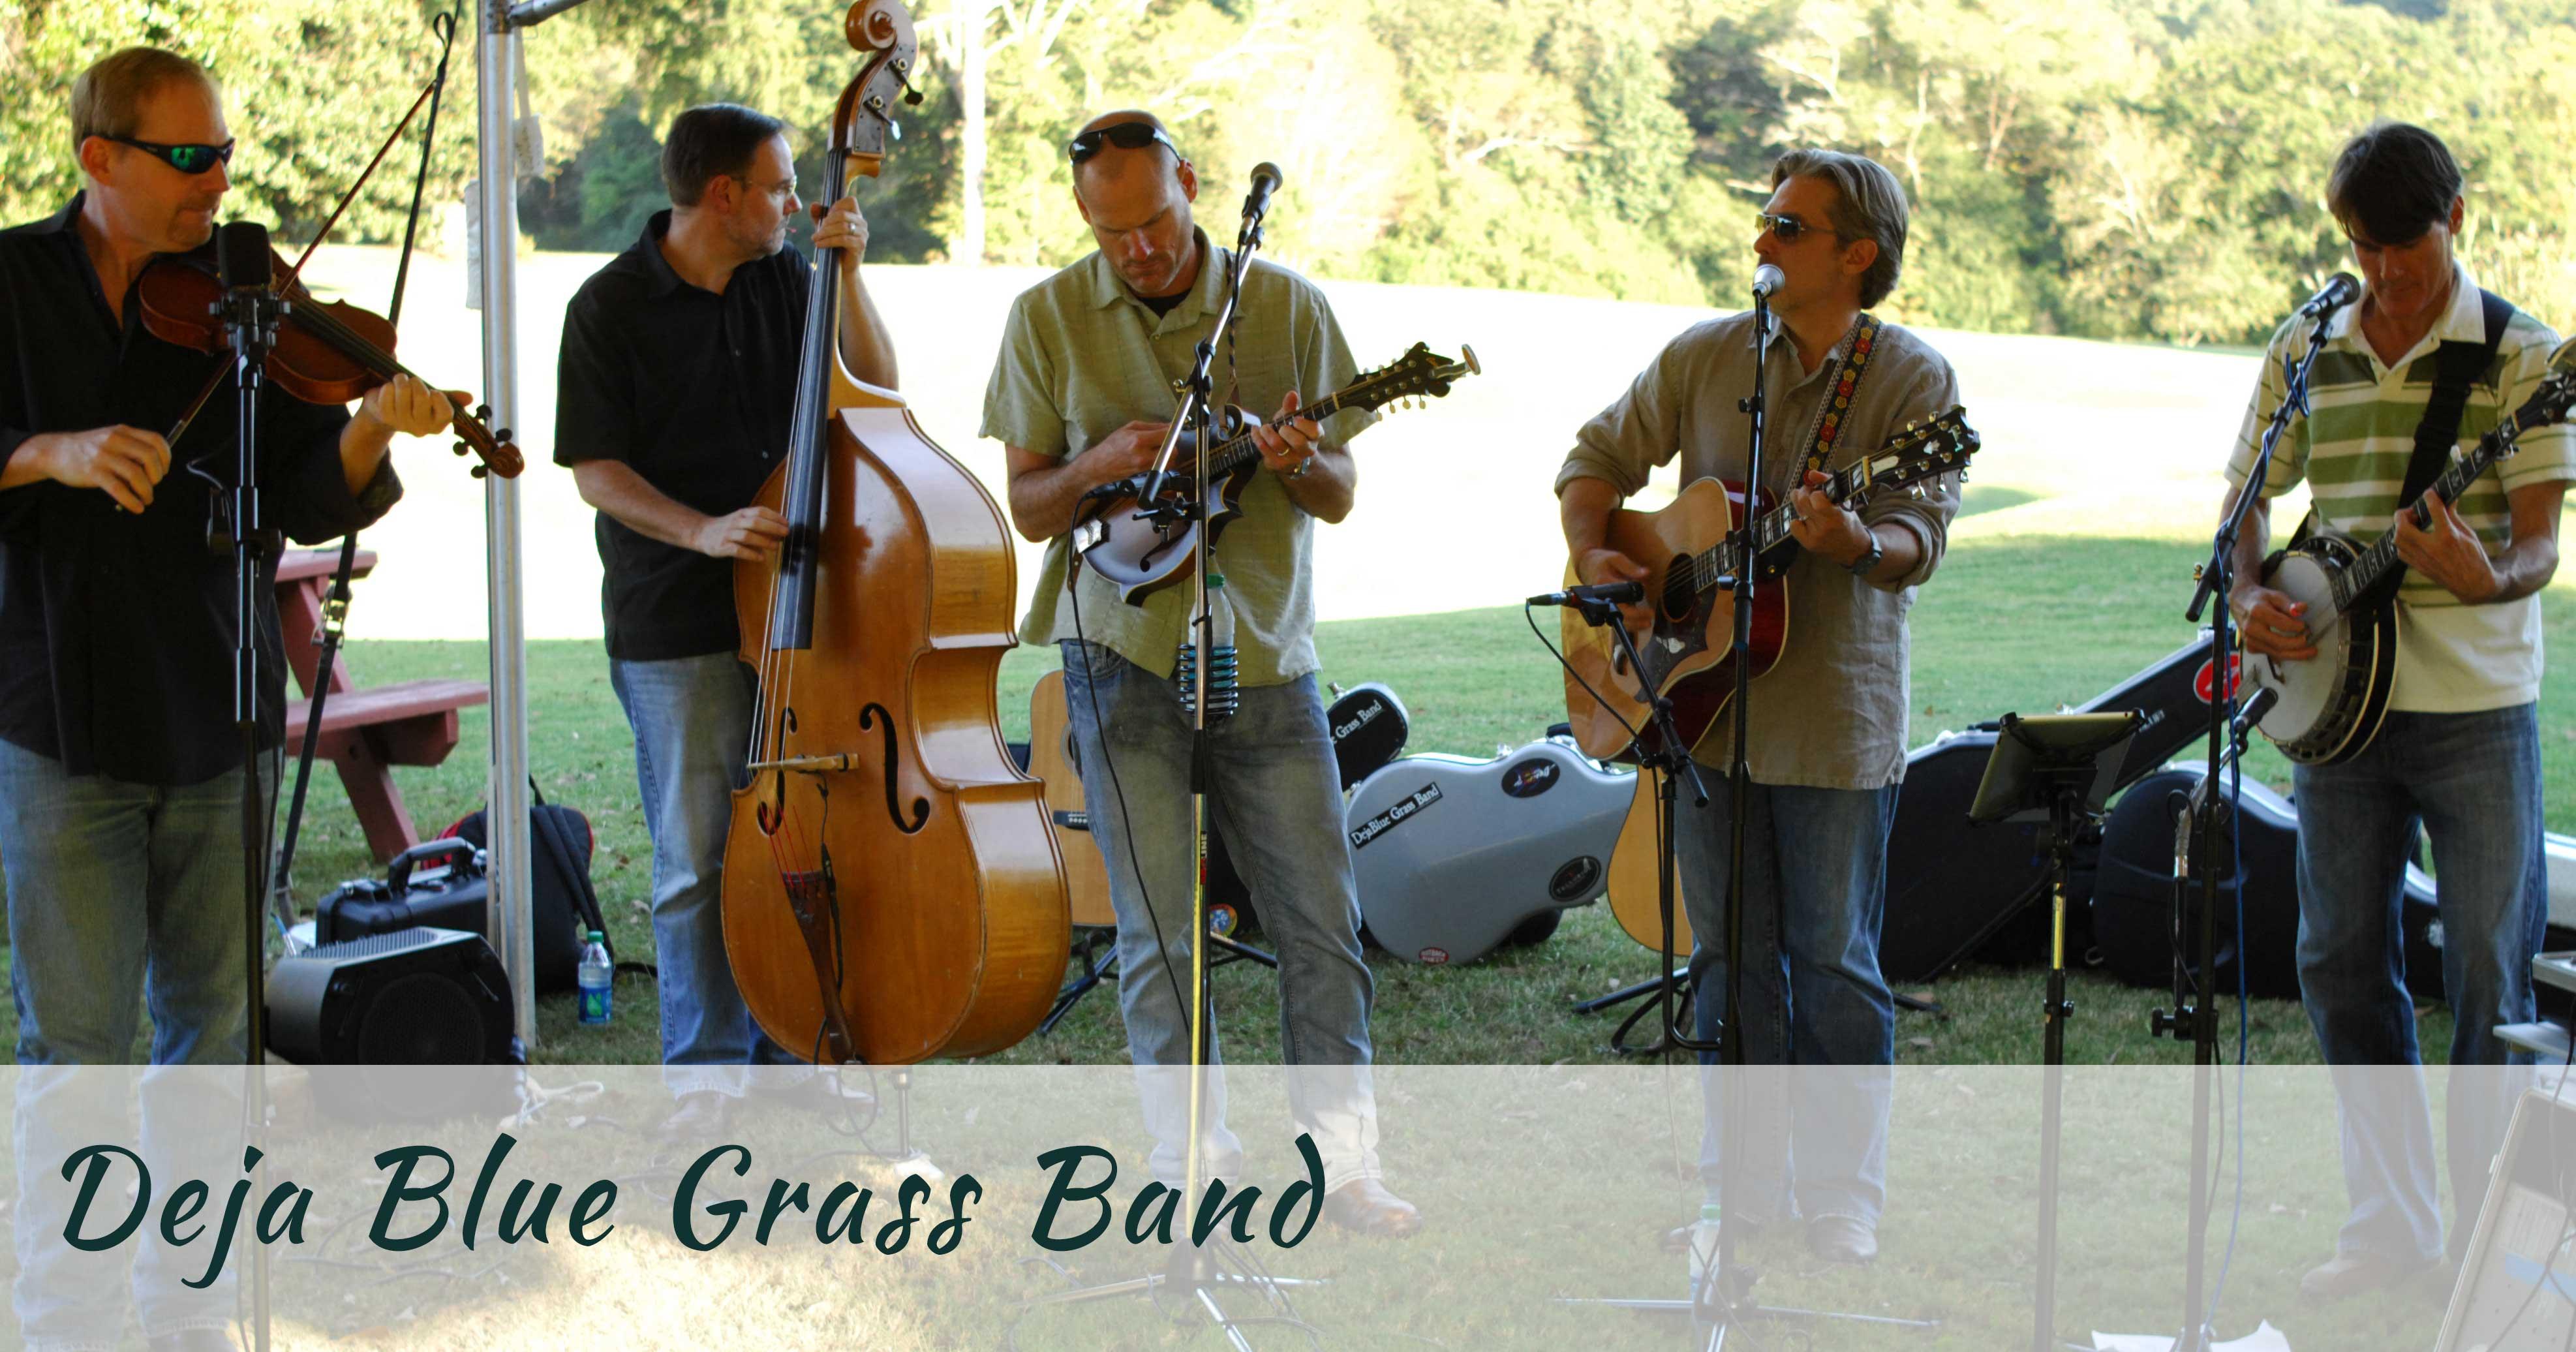 Deja blue grass band